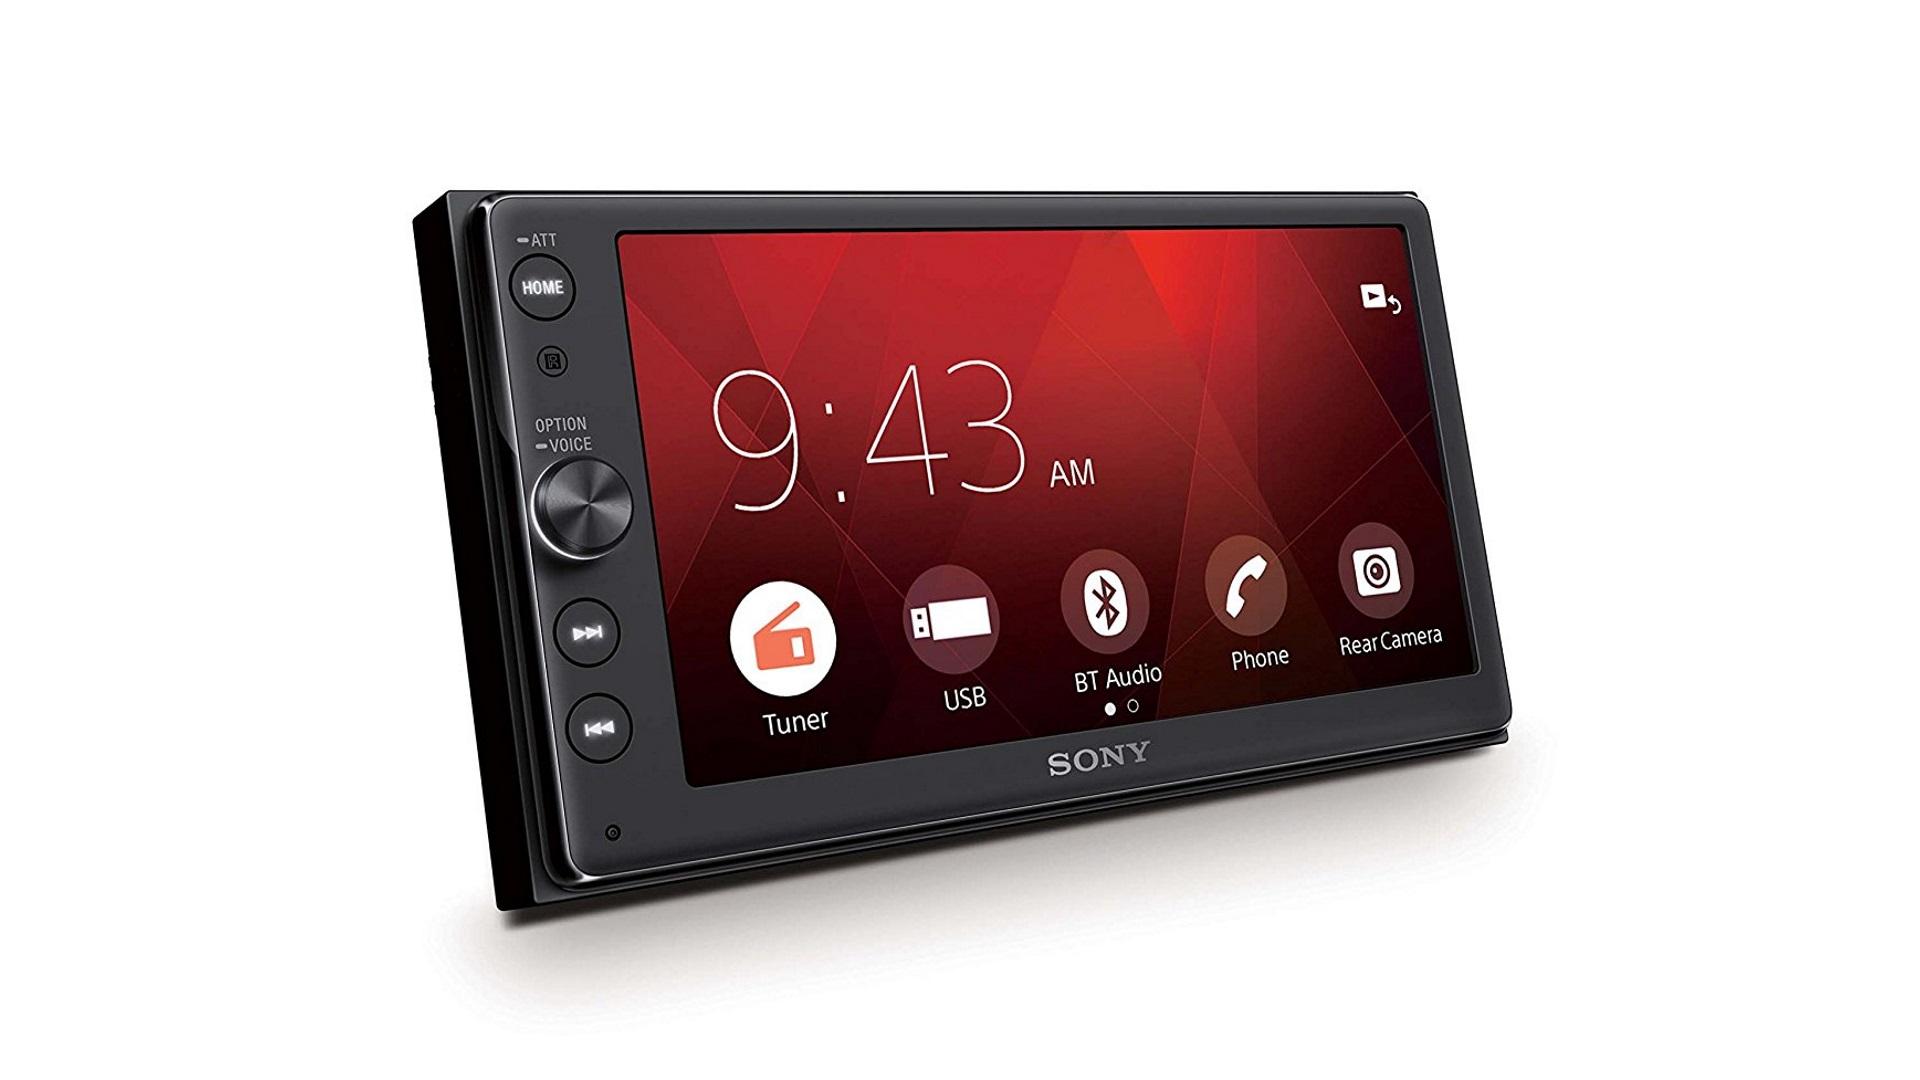 また更に値下がり!!Sony製Android Auto対応カーオーディオ「XAV-AX100」がスペインAmazon.esで21%引き